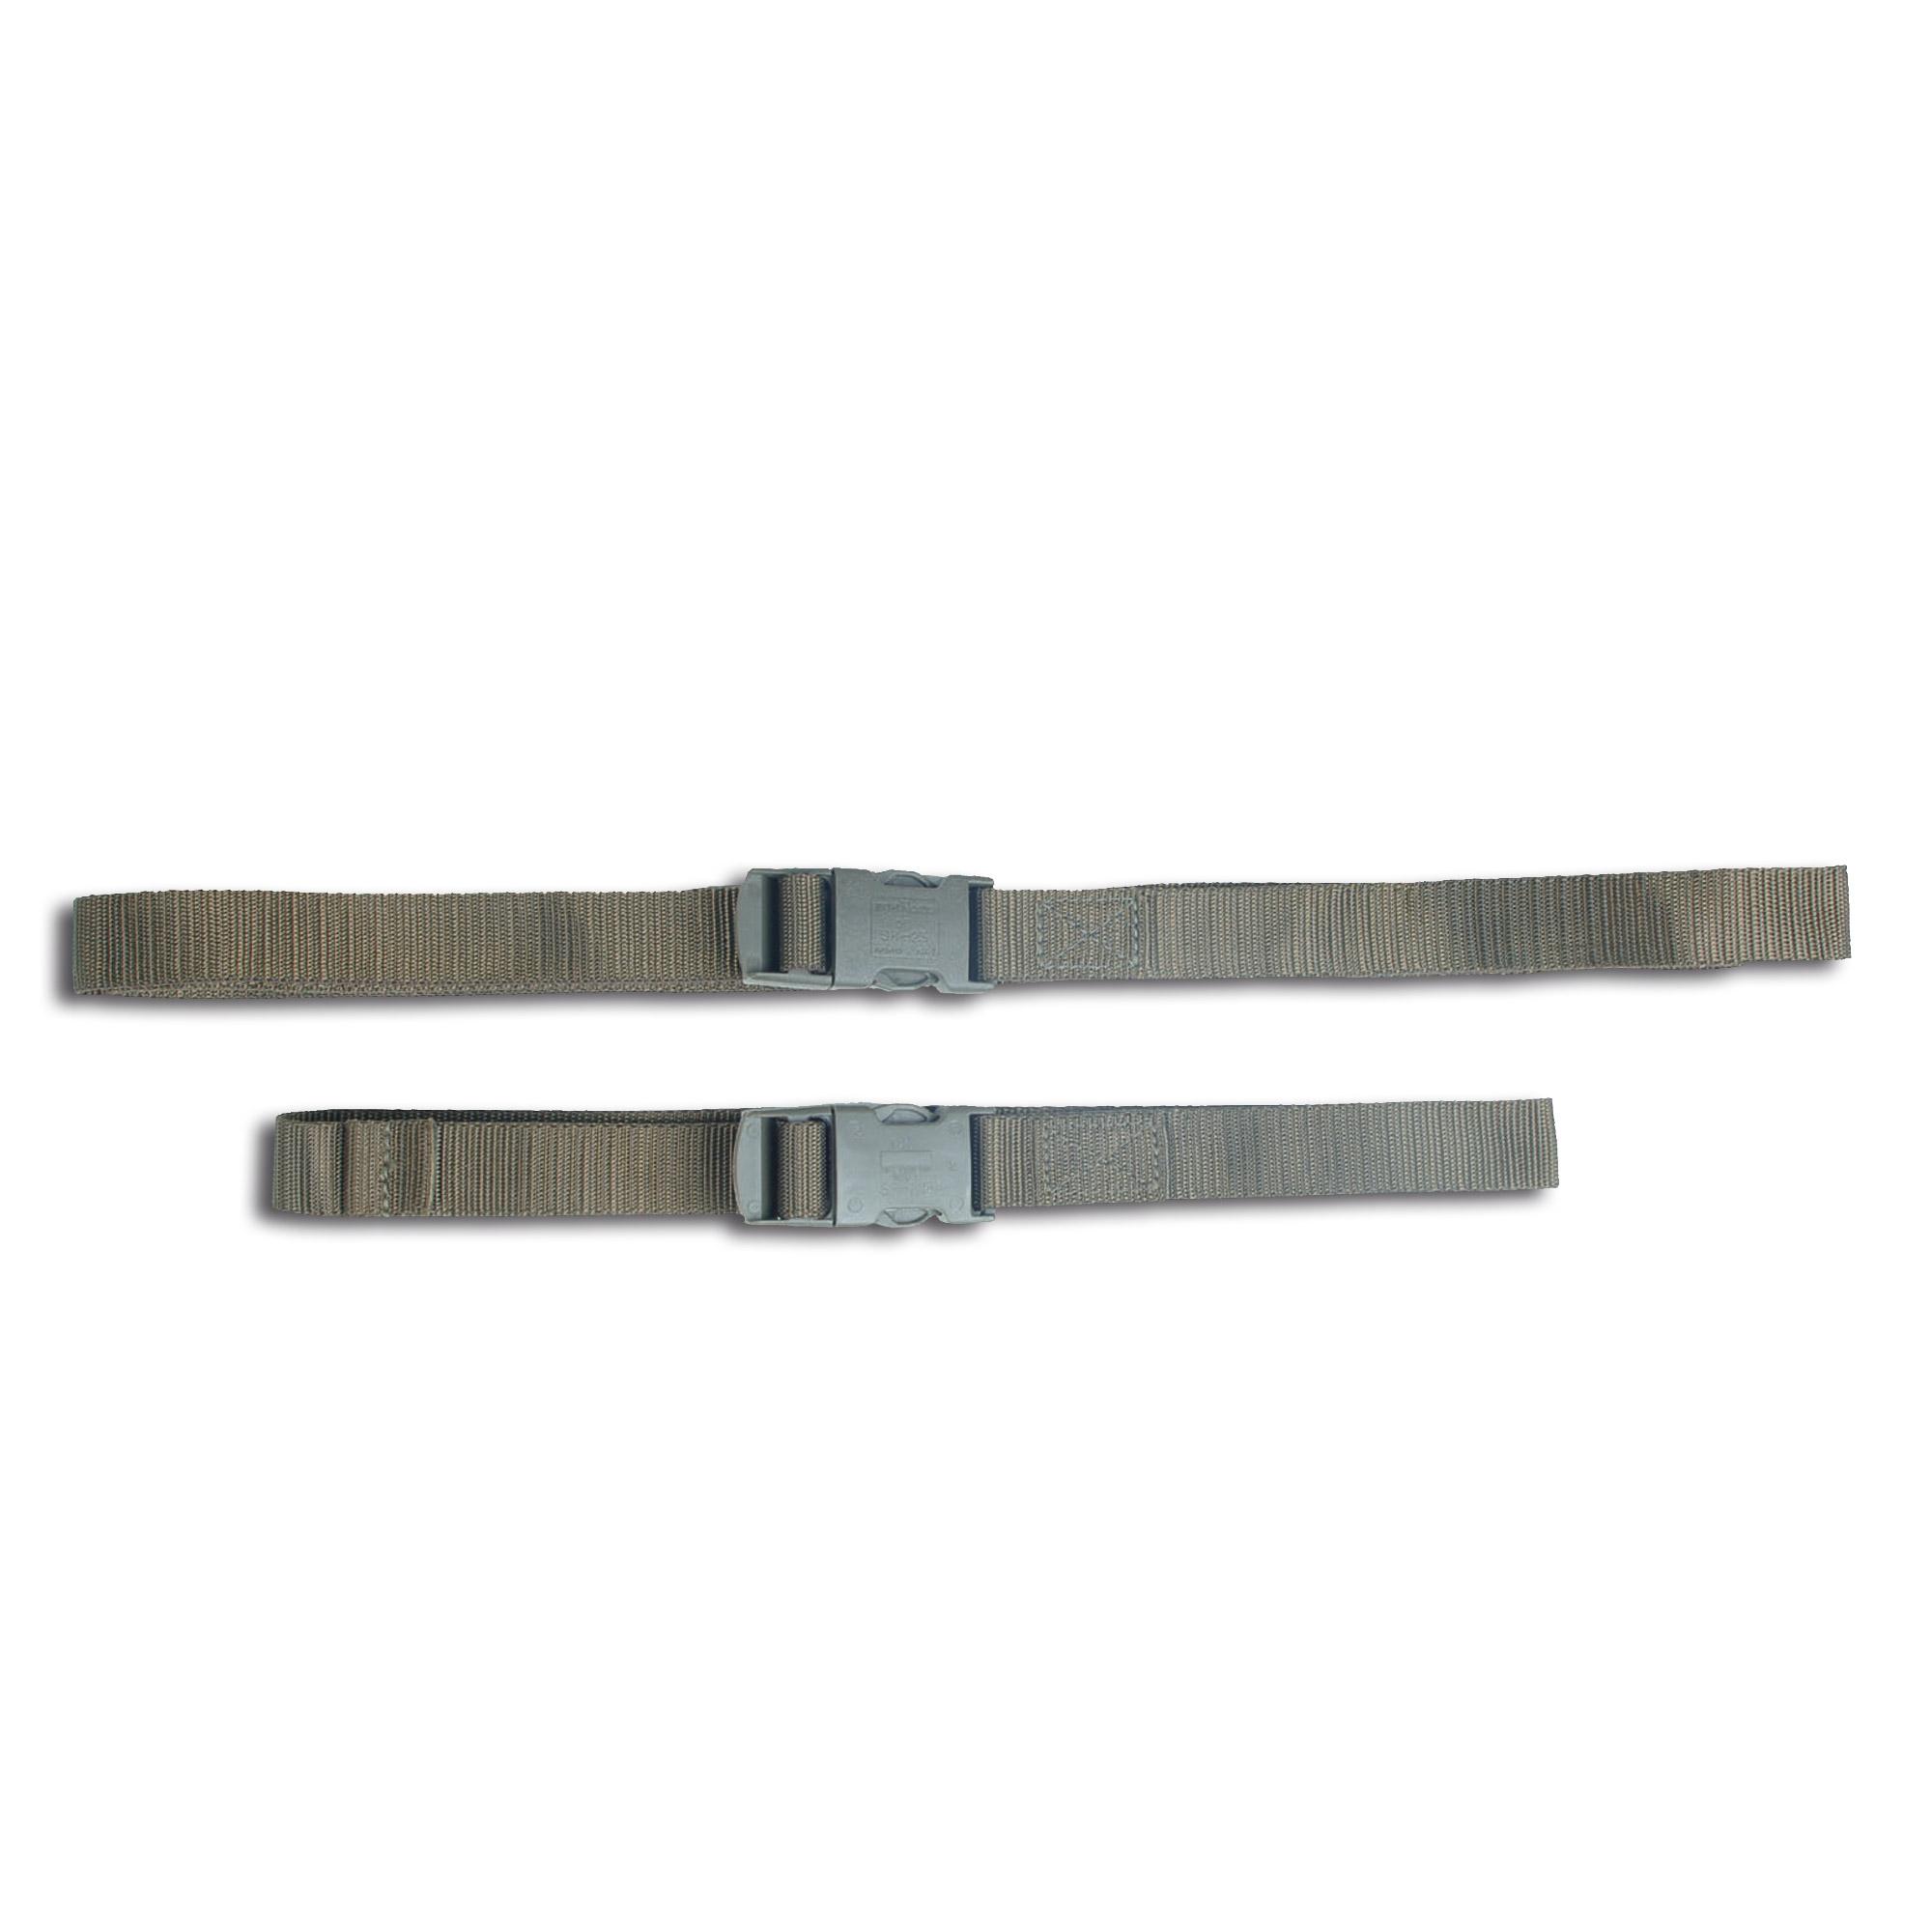 Cinturón ceñidor con cierre de hebilla verde oliva 80 cm